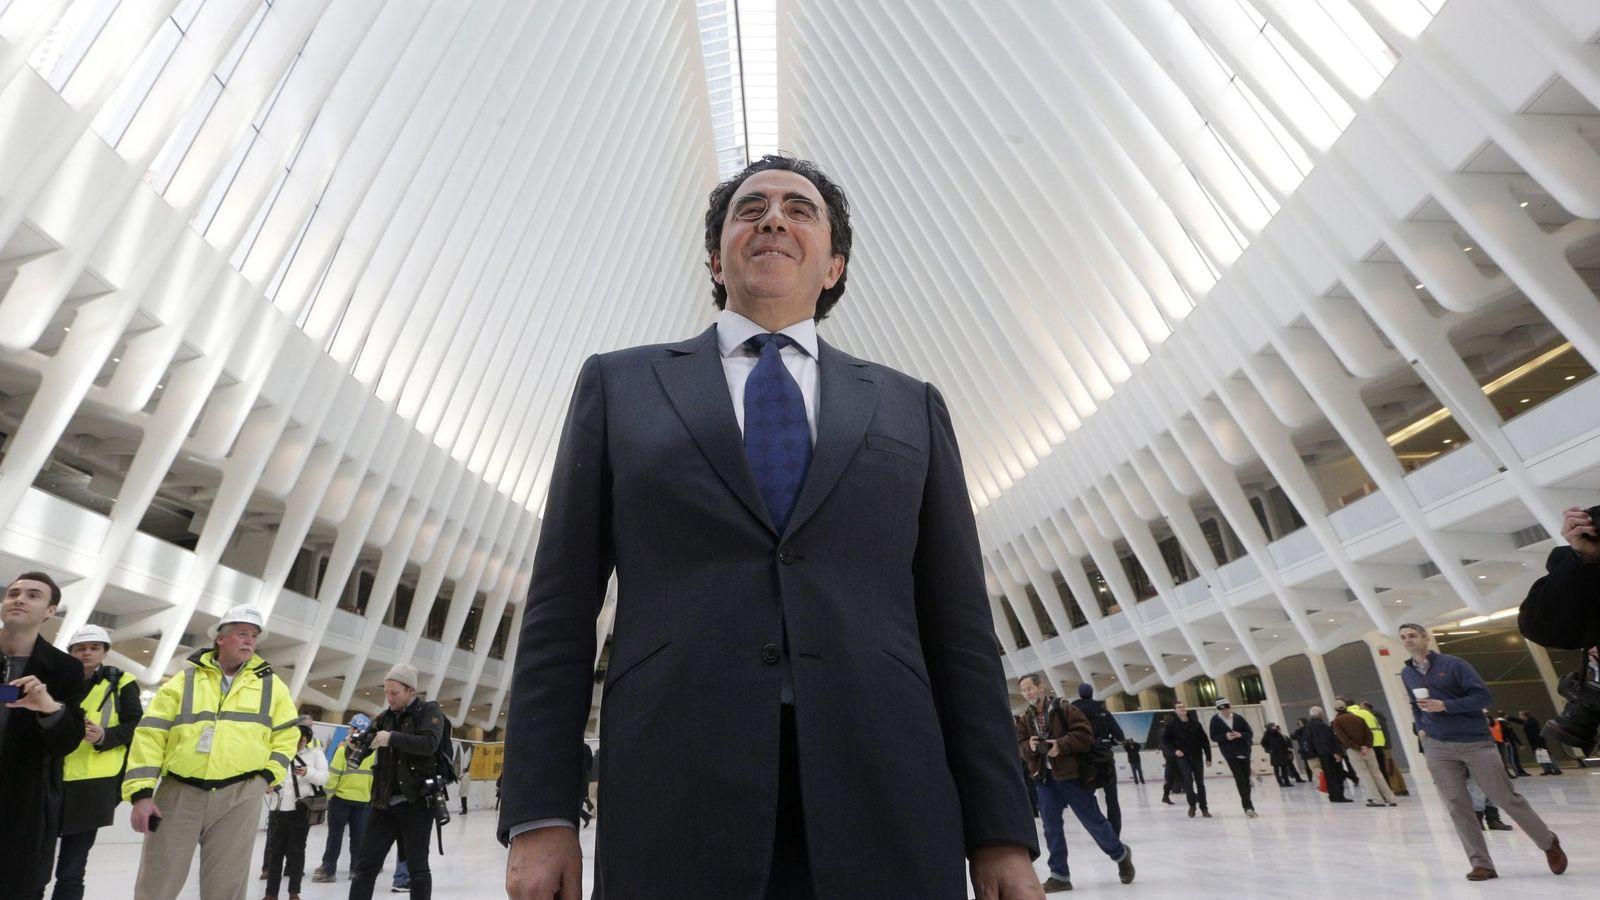 Noticias de comunidad valenciana santiago calatrava sa - Trabajo de arquitecto en espana ...